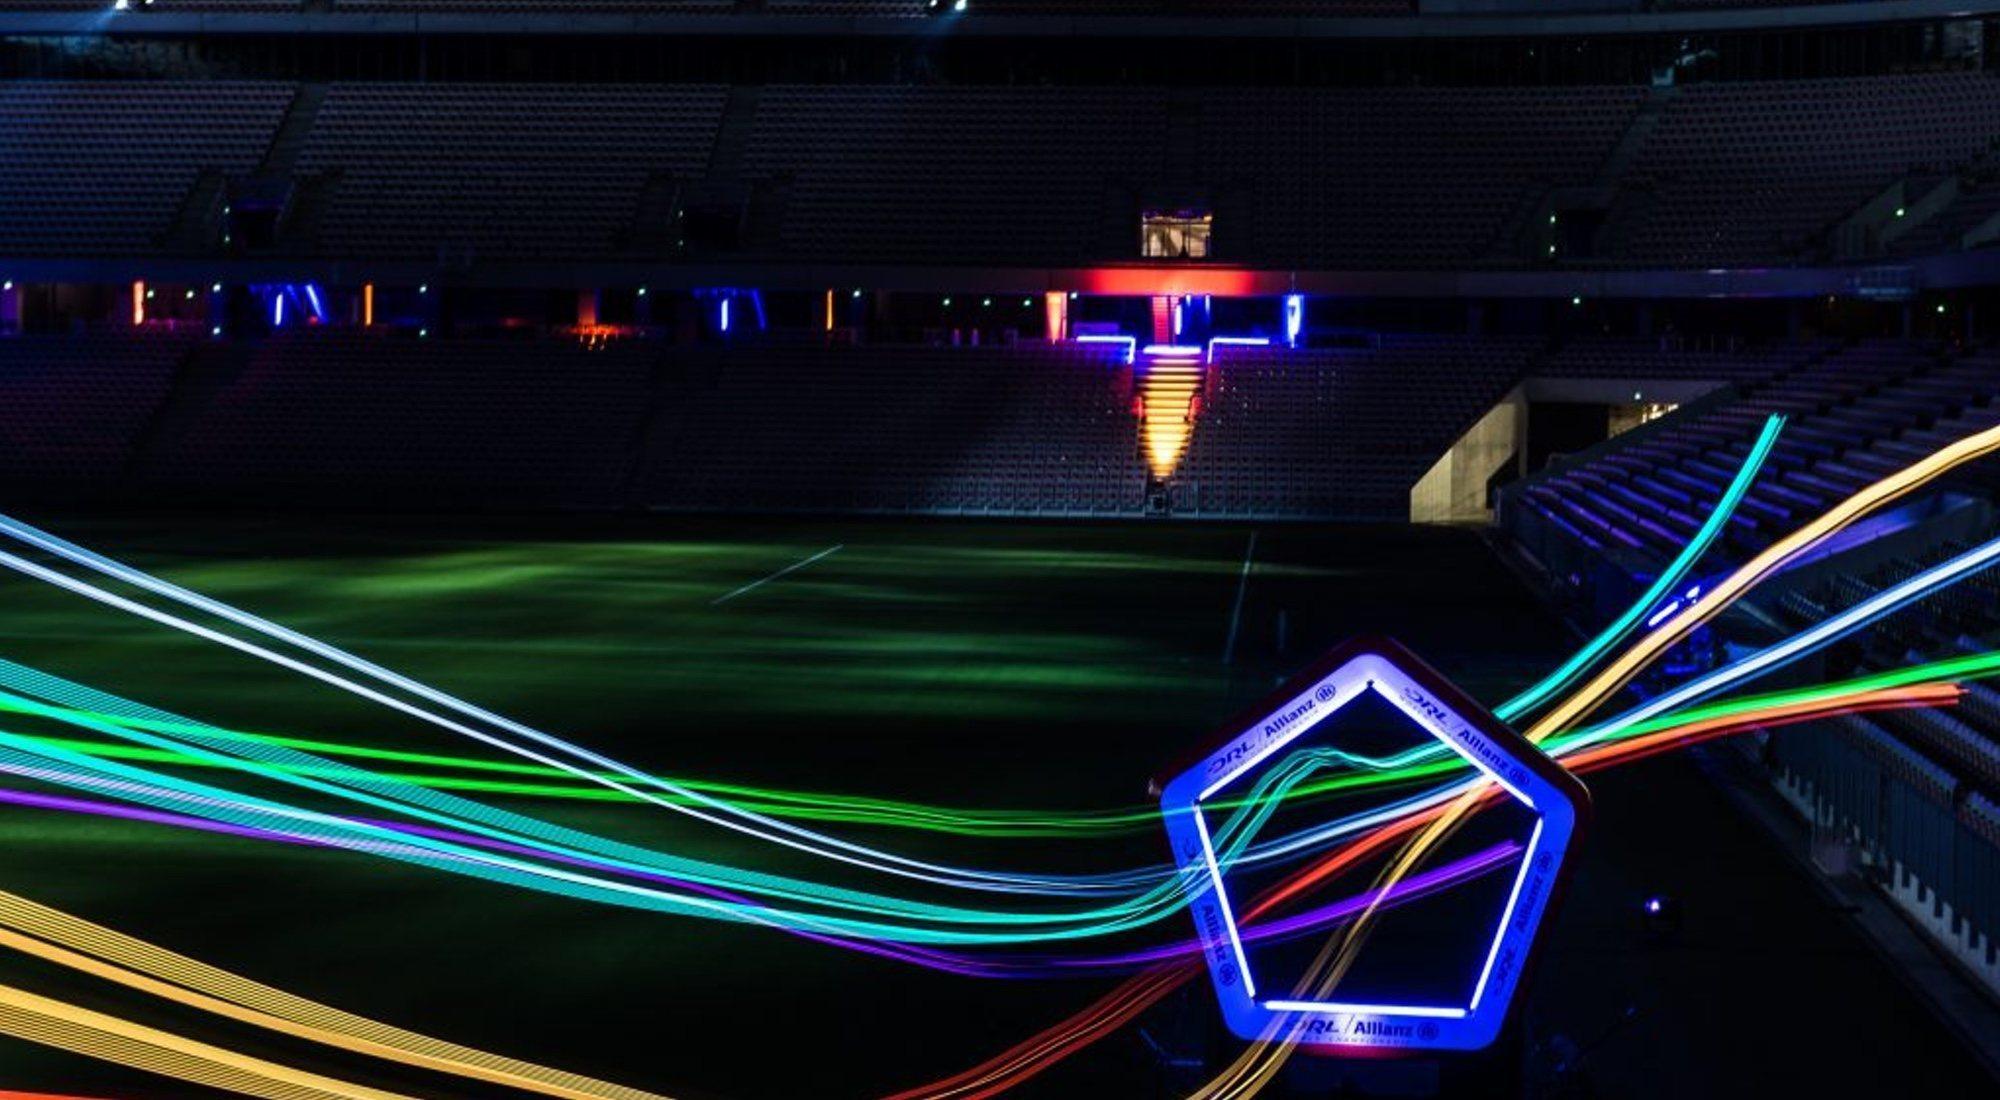 Carreras de drones: un espectáculo que no termina de despegar